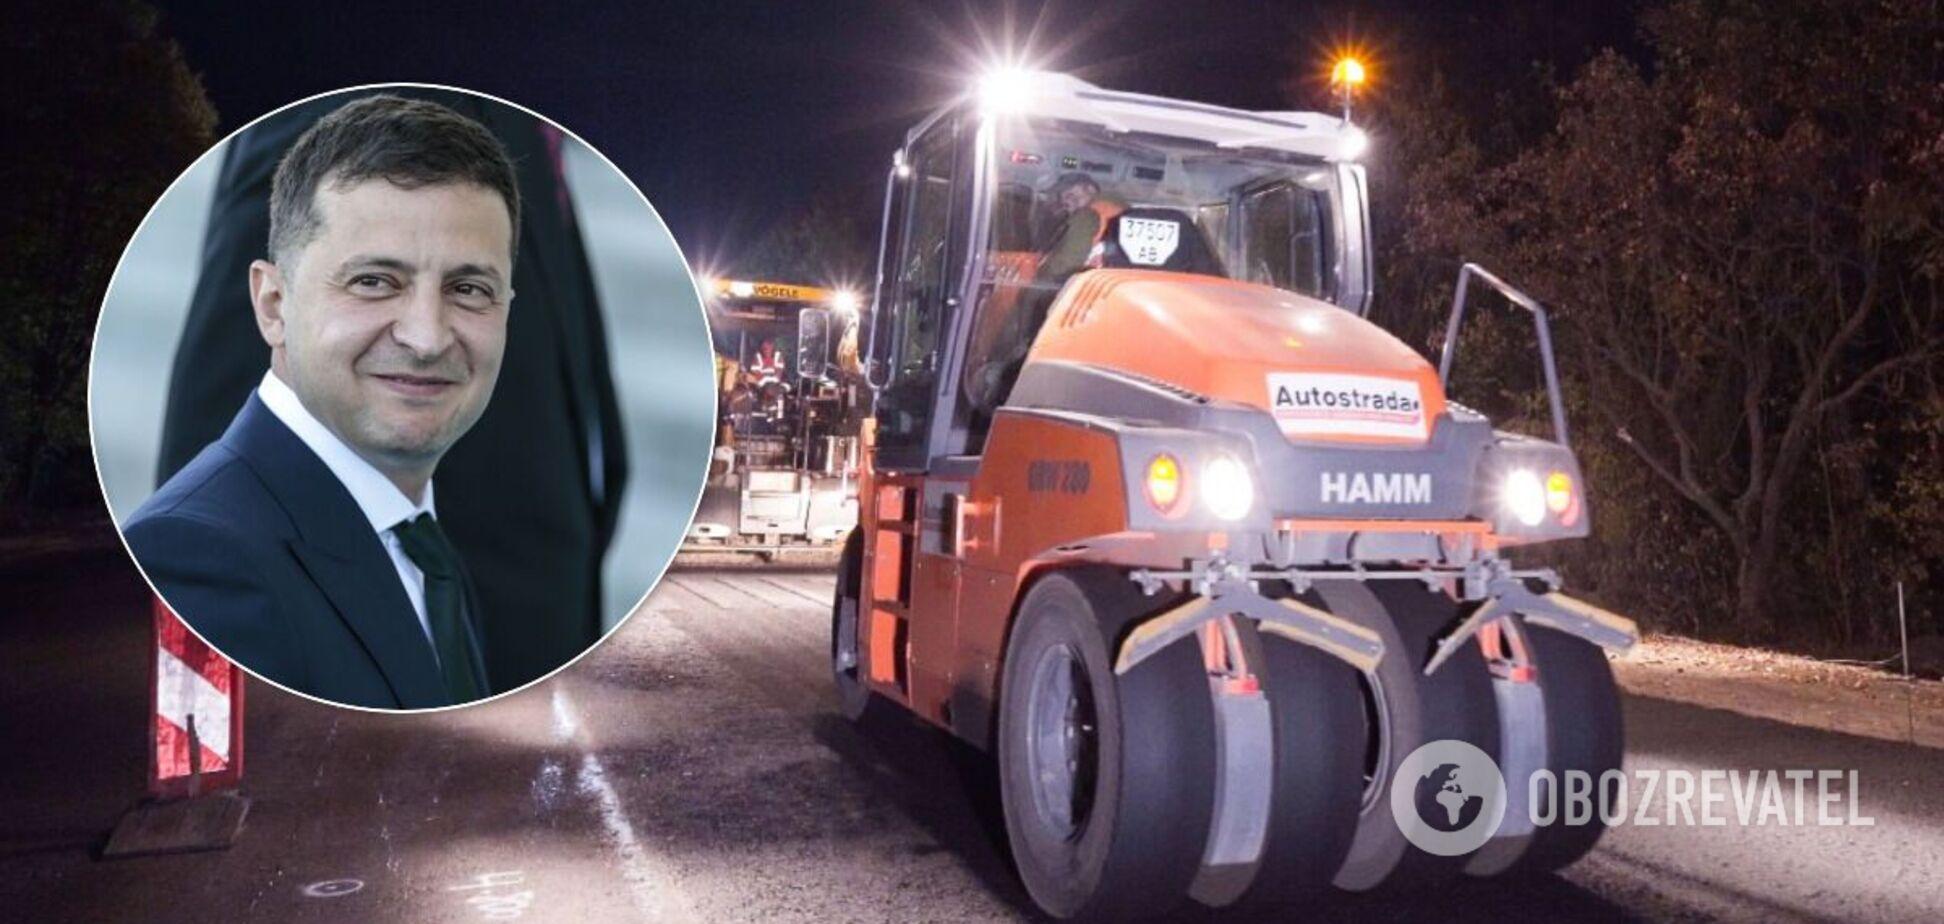 Под Харьковом среди ночи экстренно ремонтировали дорогу к приезду Зеленского